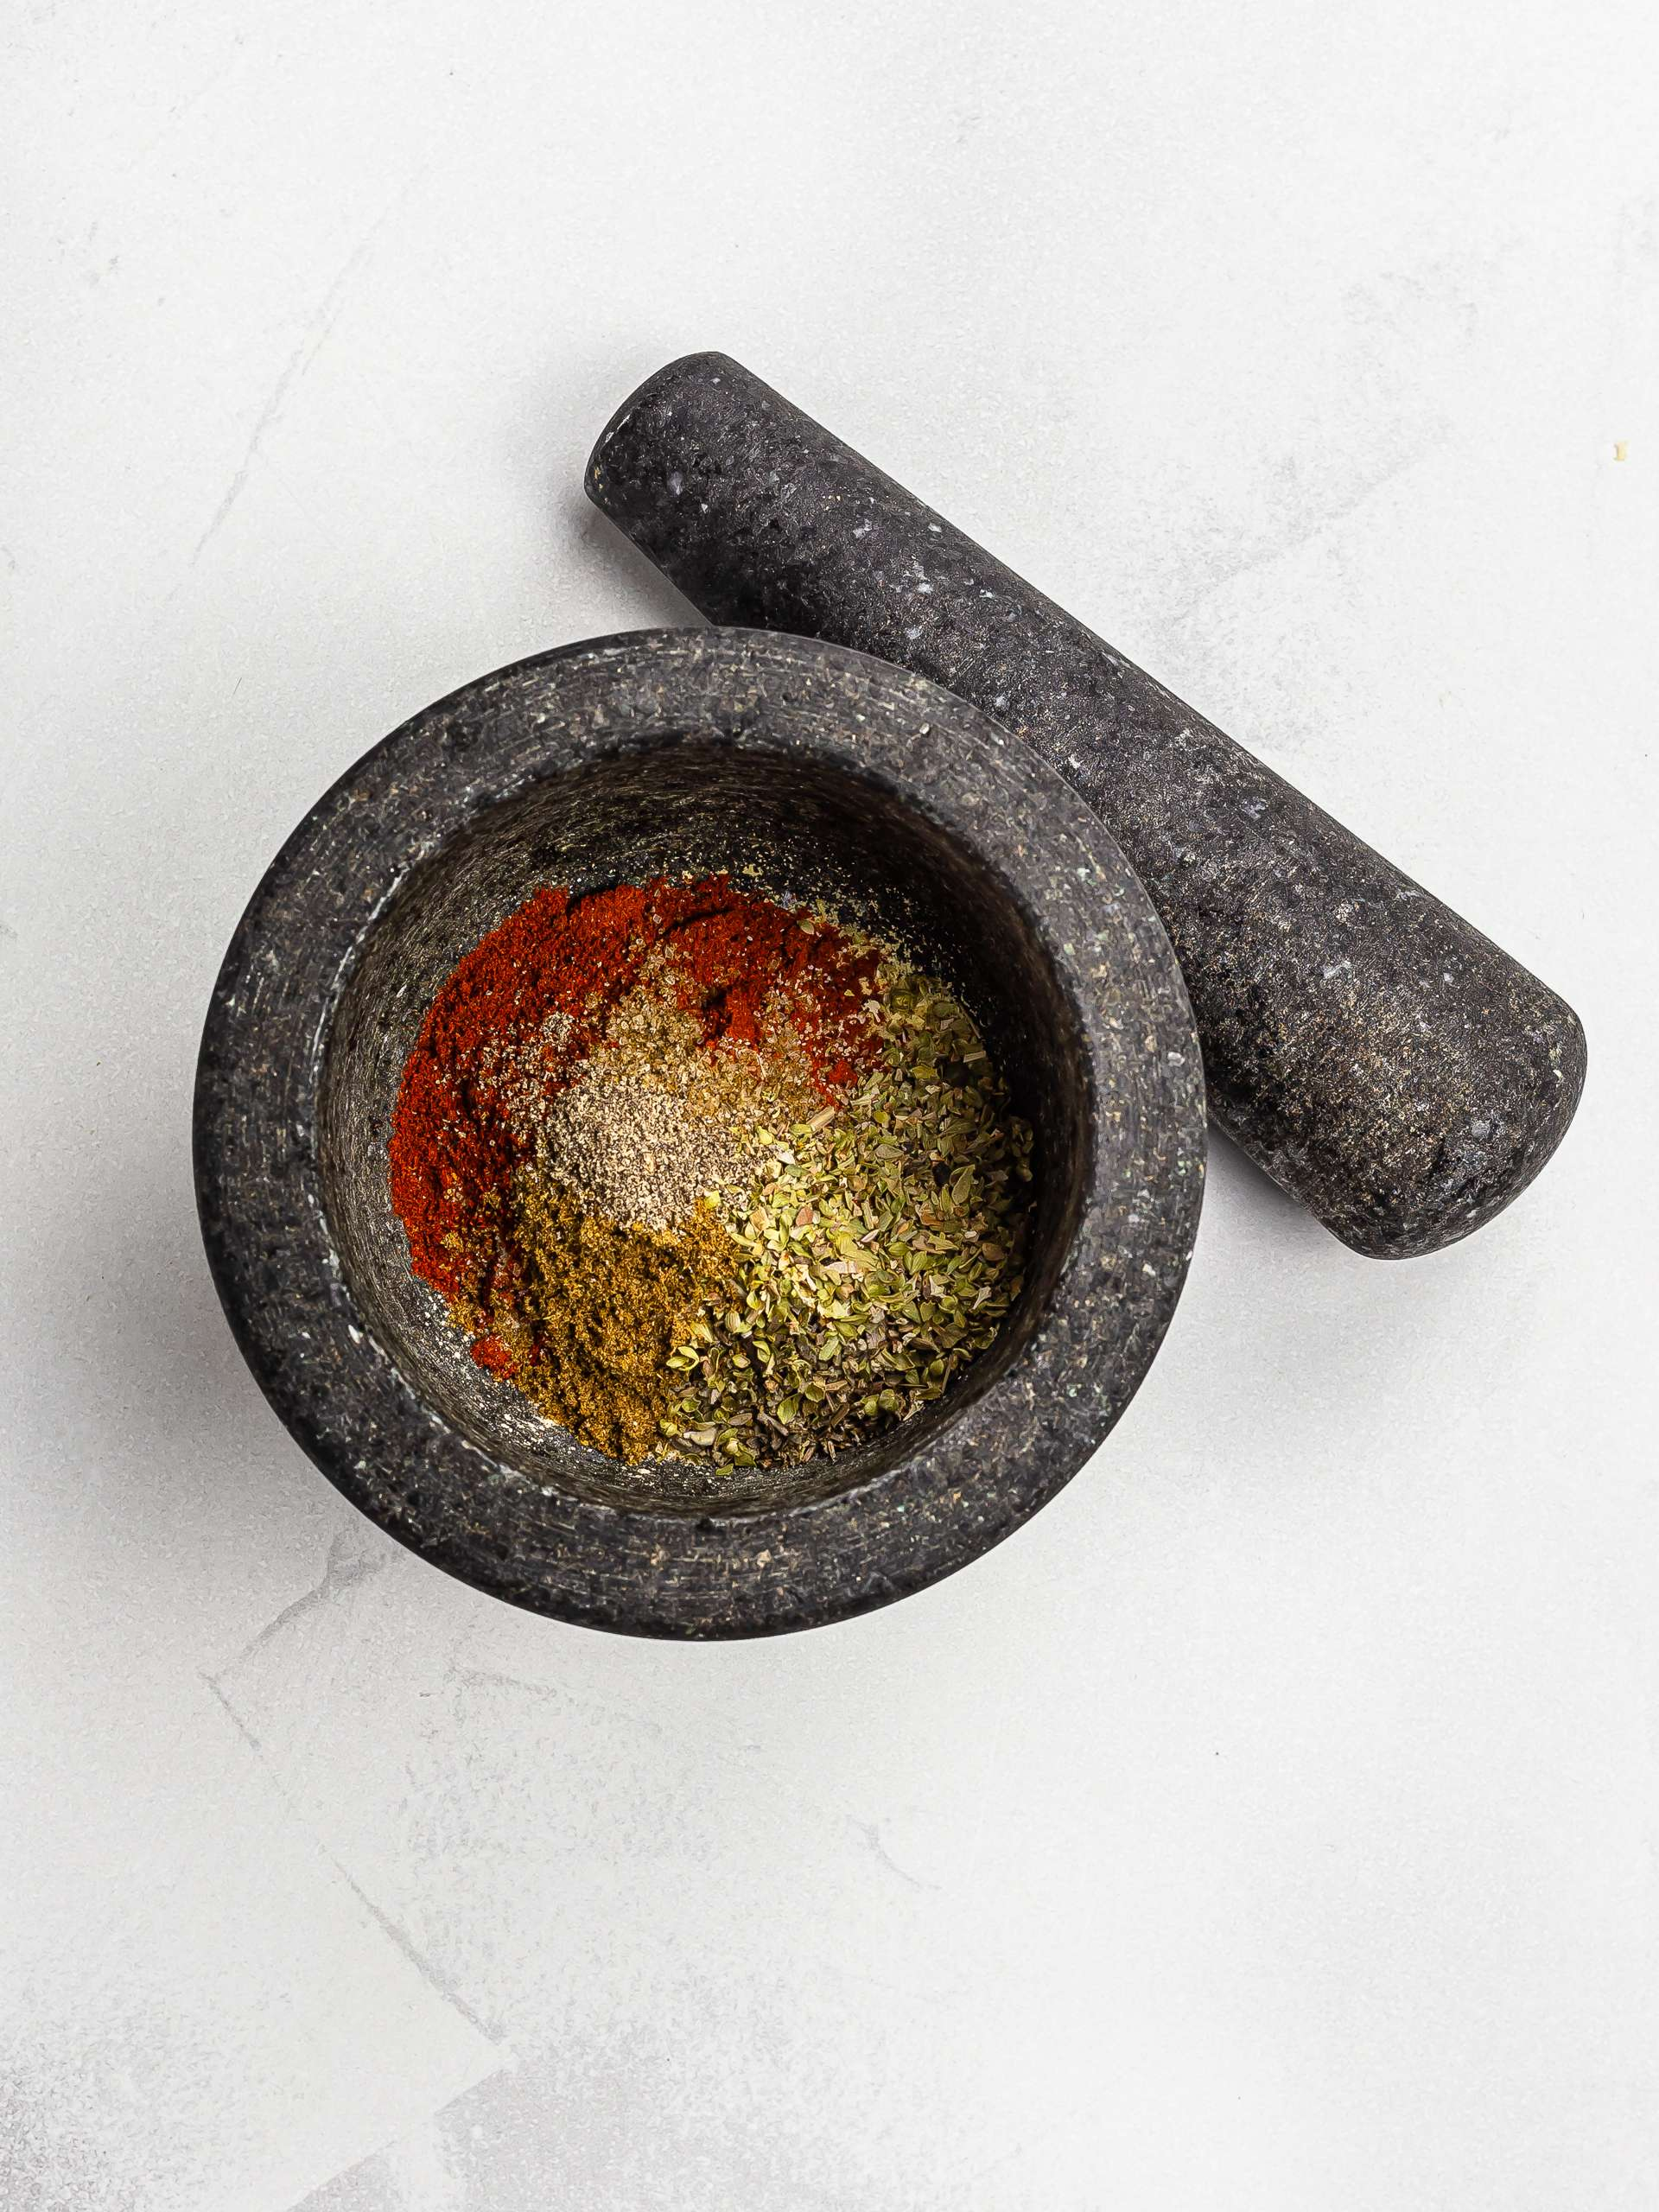 red robin seasoning ingredients in a mortar